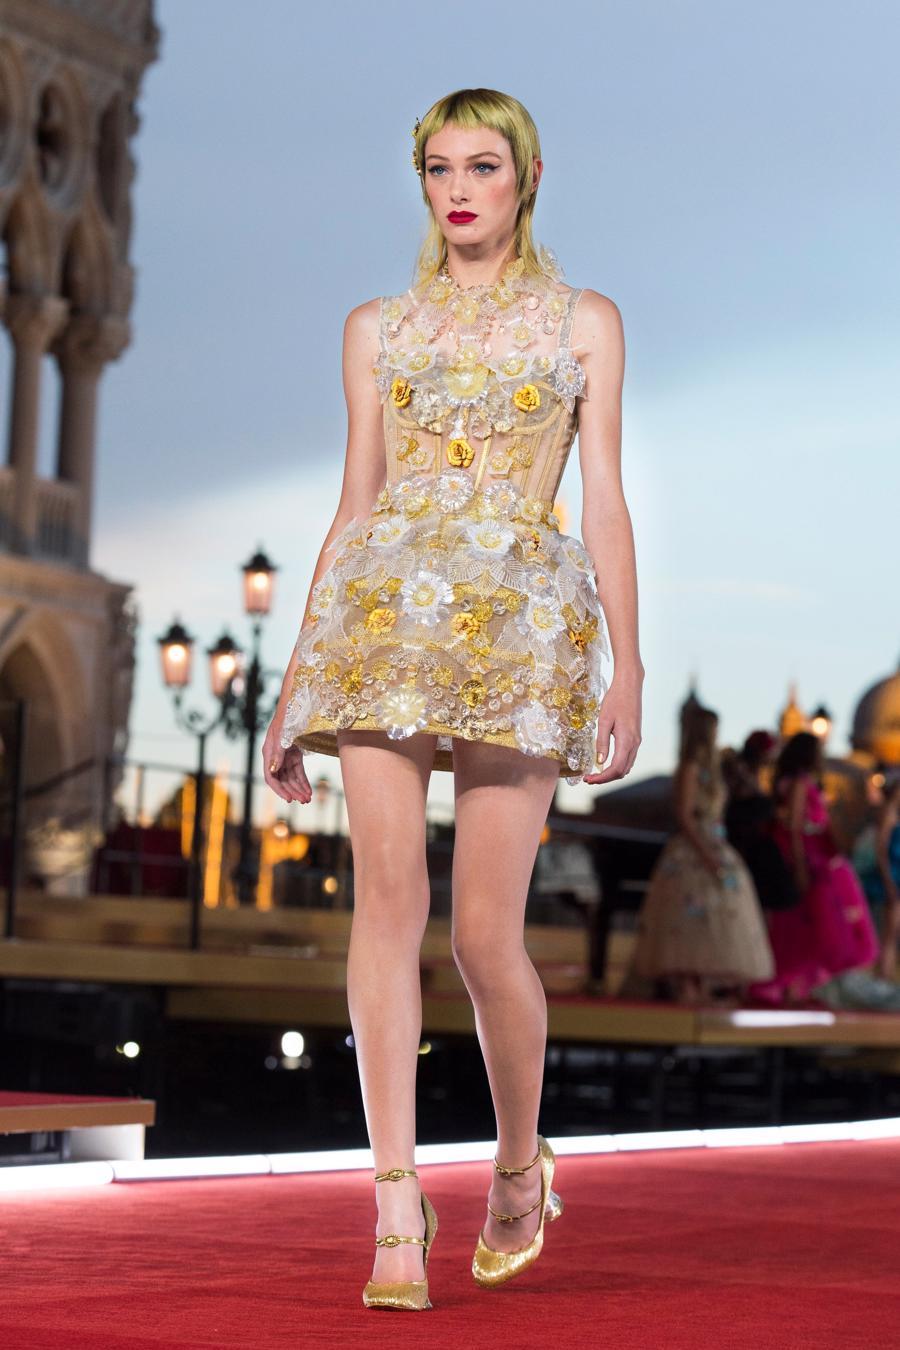 Show diễn Alta Moda của Dolce & Gabbana: Mưa đá và cầu vồng - Ảnh 19